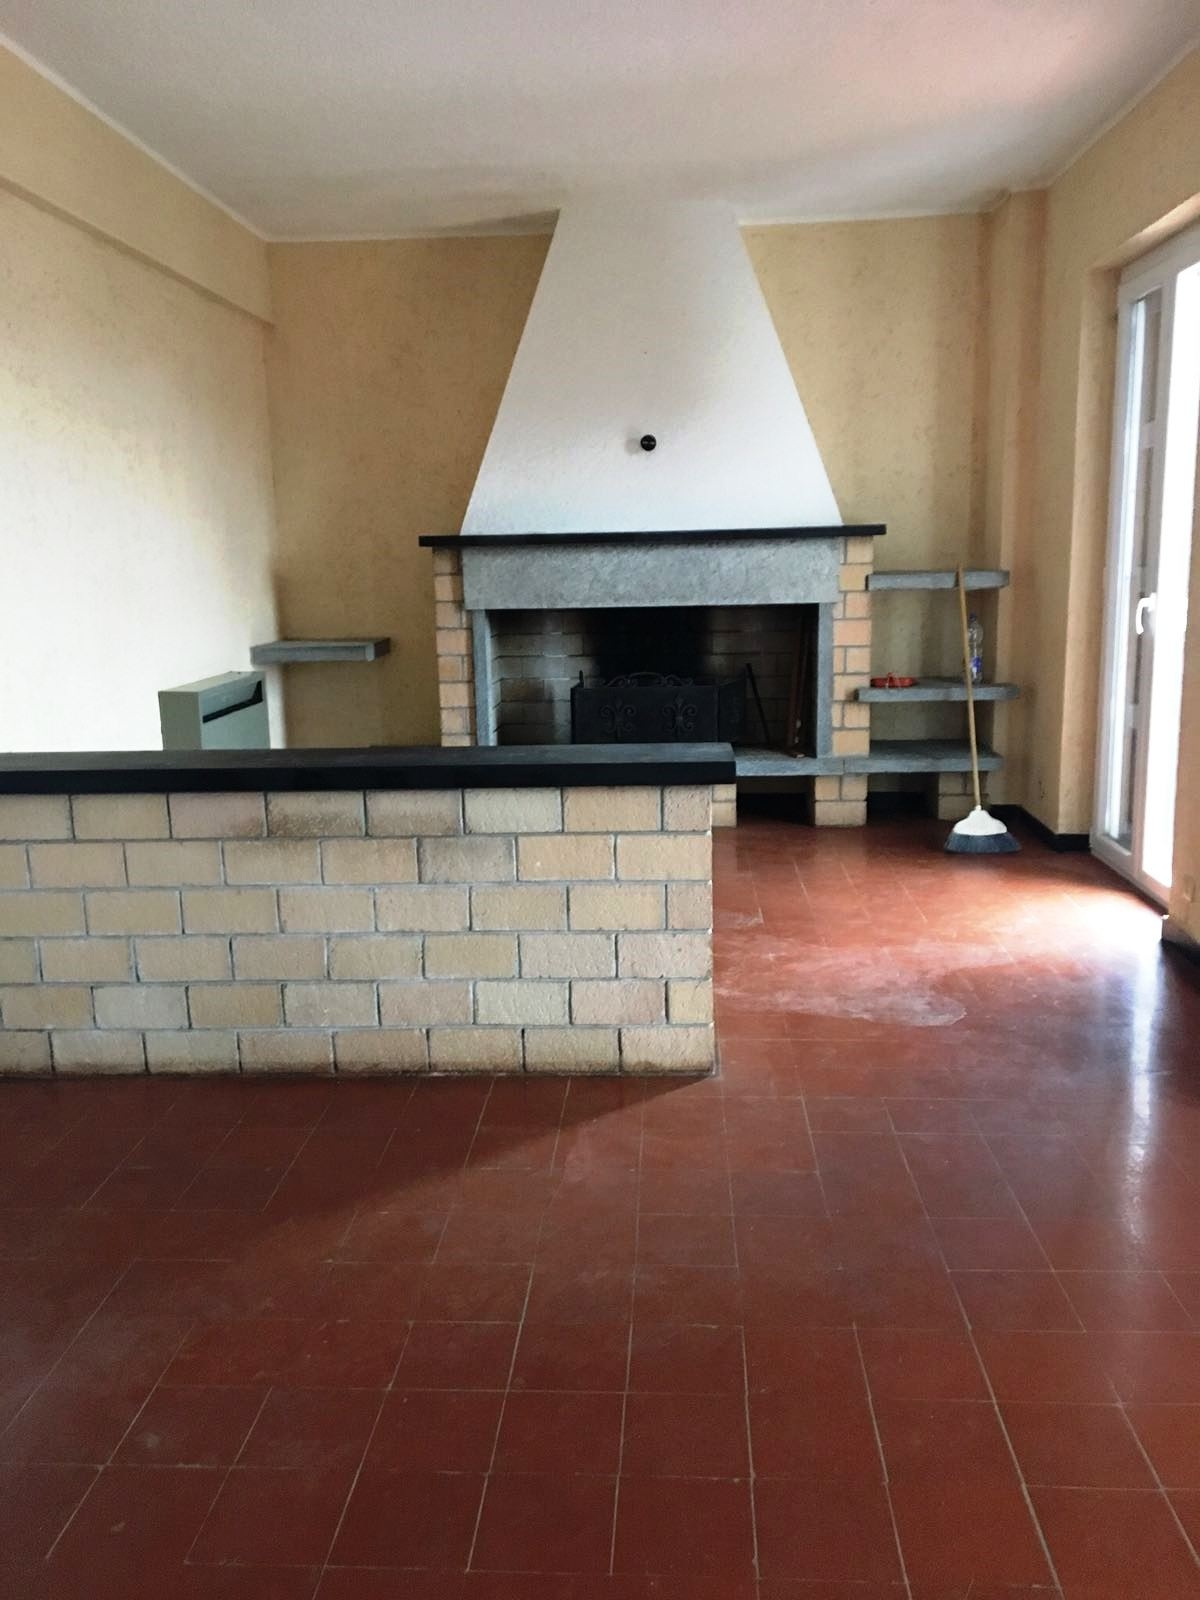 Appartamento in vendita a Magliolo, 4 locali, zona Località: ENTROTERRA, prezzo € 145.000 | CambioCasa.it